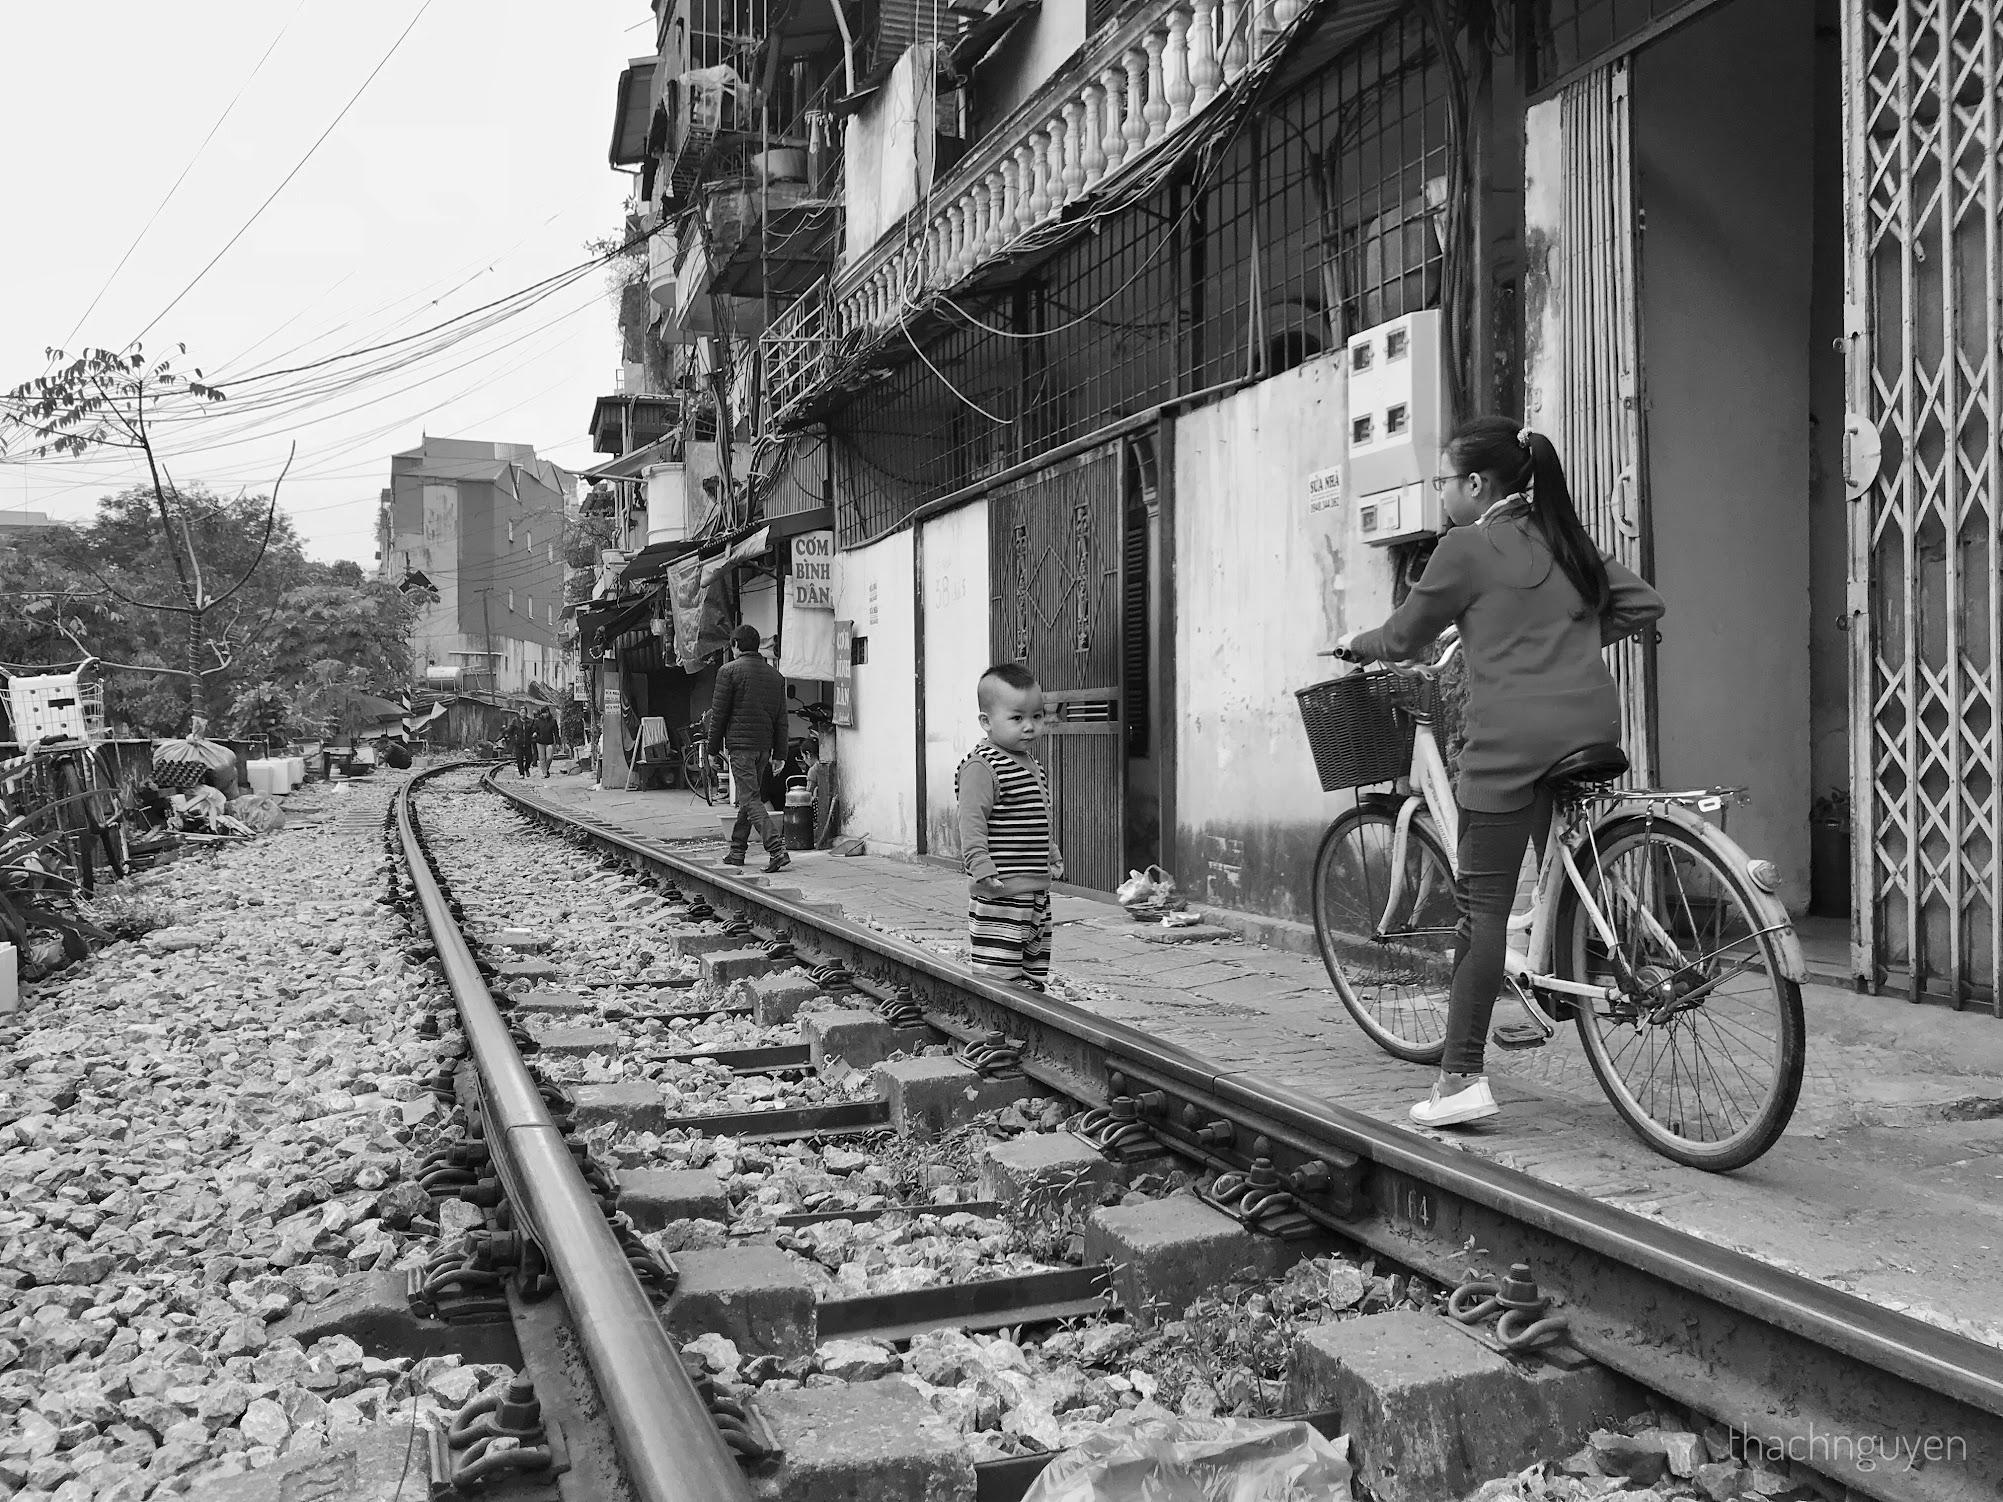 đứa trẻ chơi đùa bên đường tàu